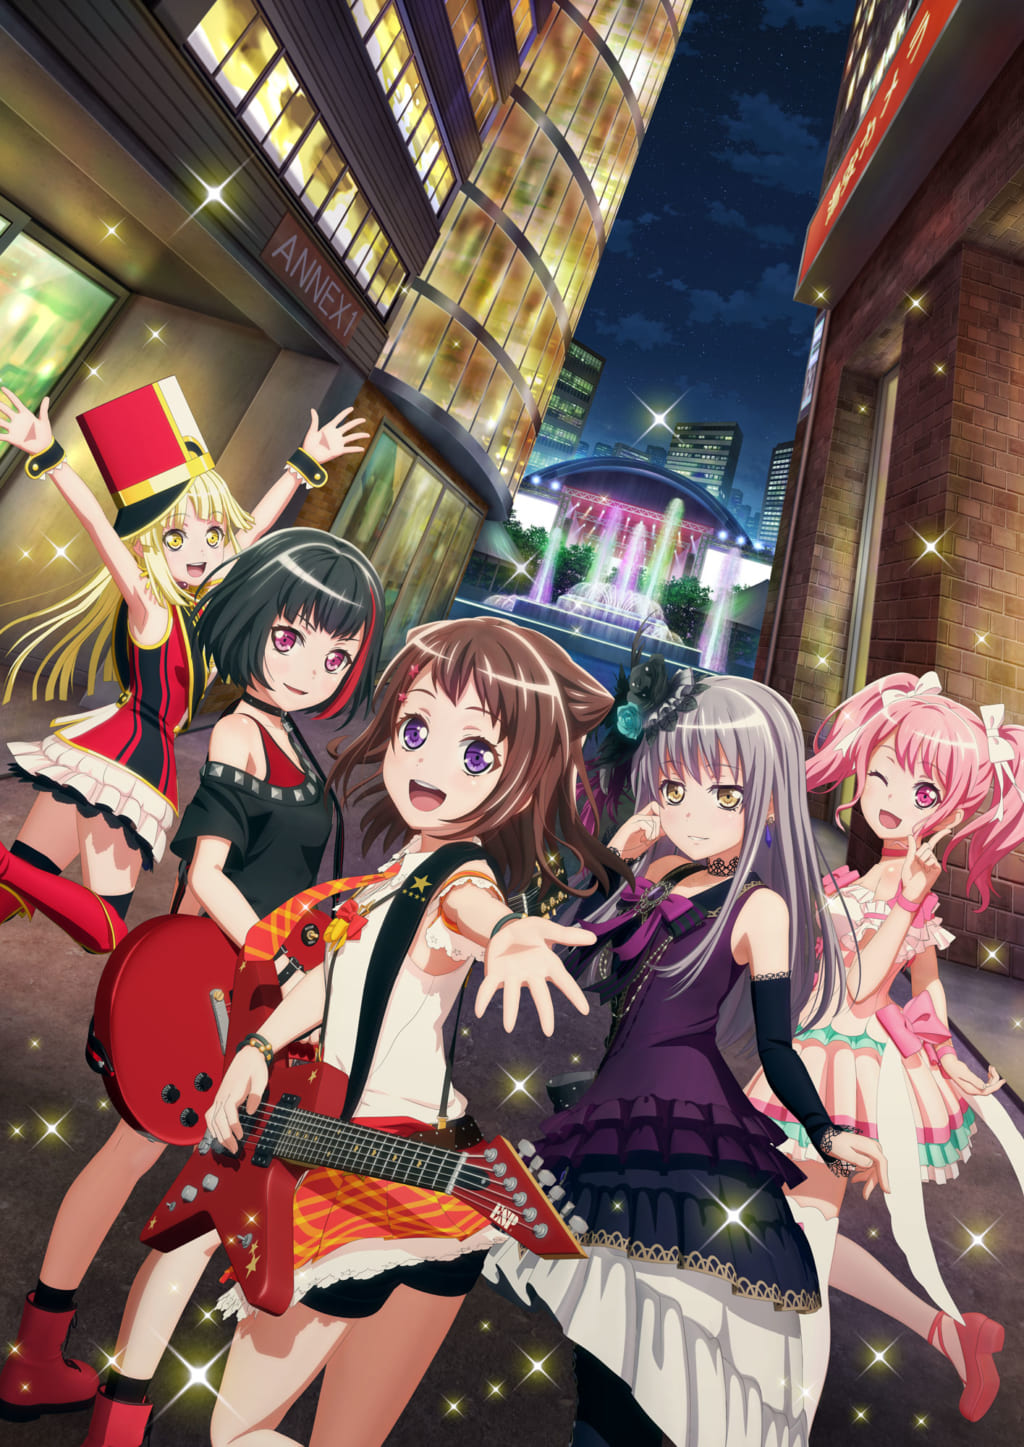 アニメ「BanG Dream! 2nd Season」CD6タイトル連続リリースラストスパートキャンペーン in とらのあな開催!